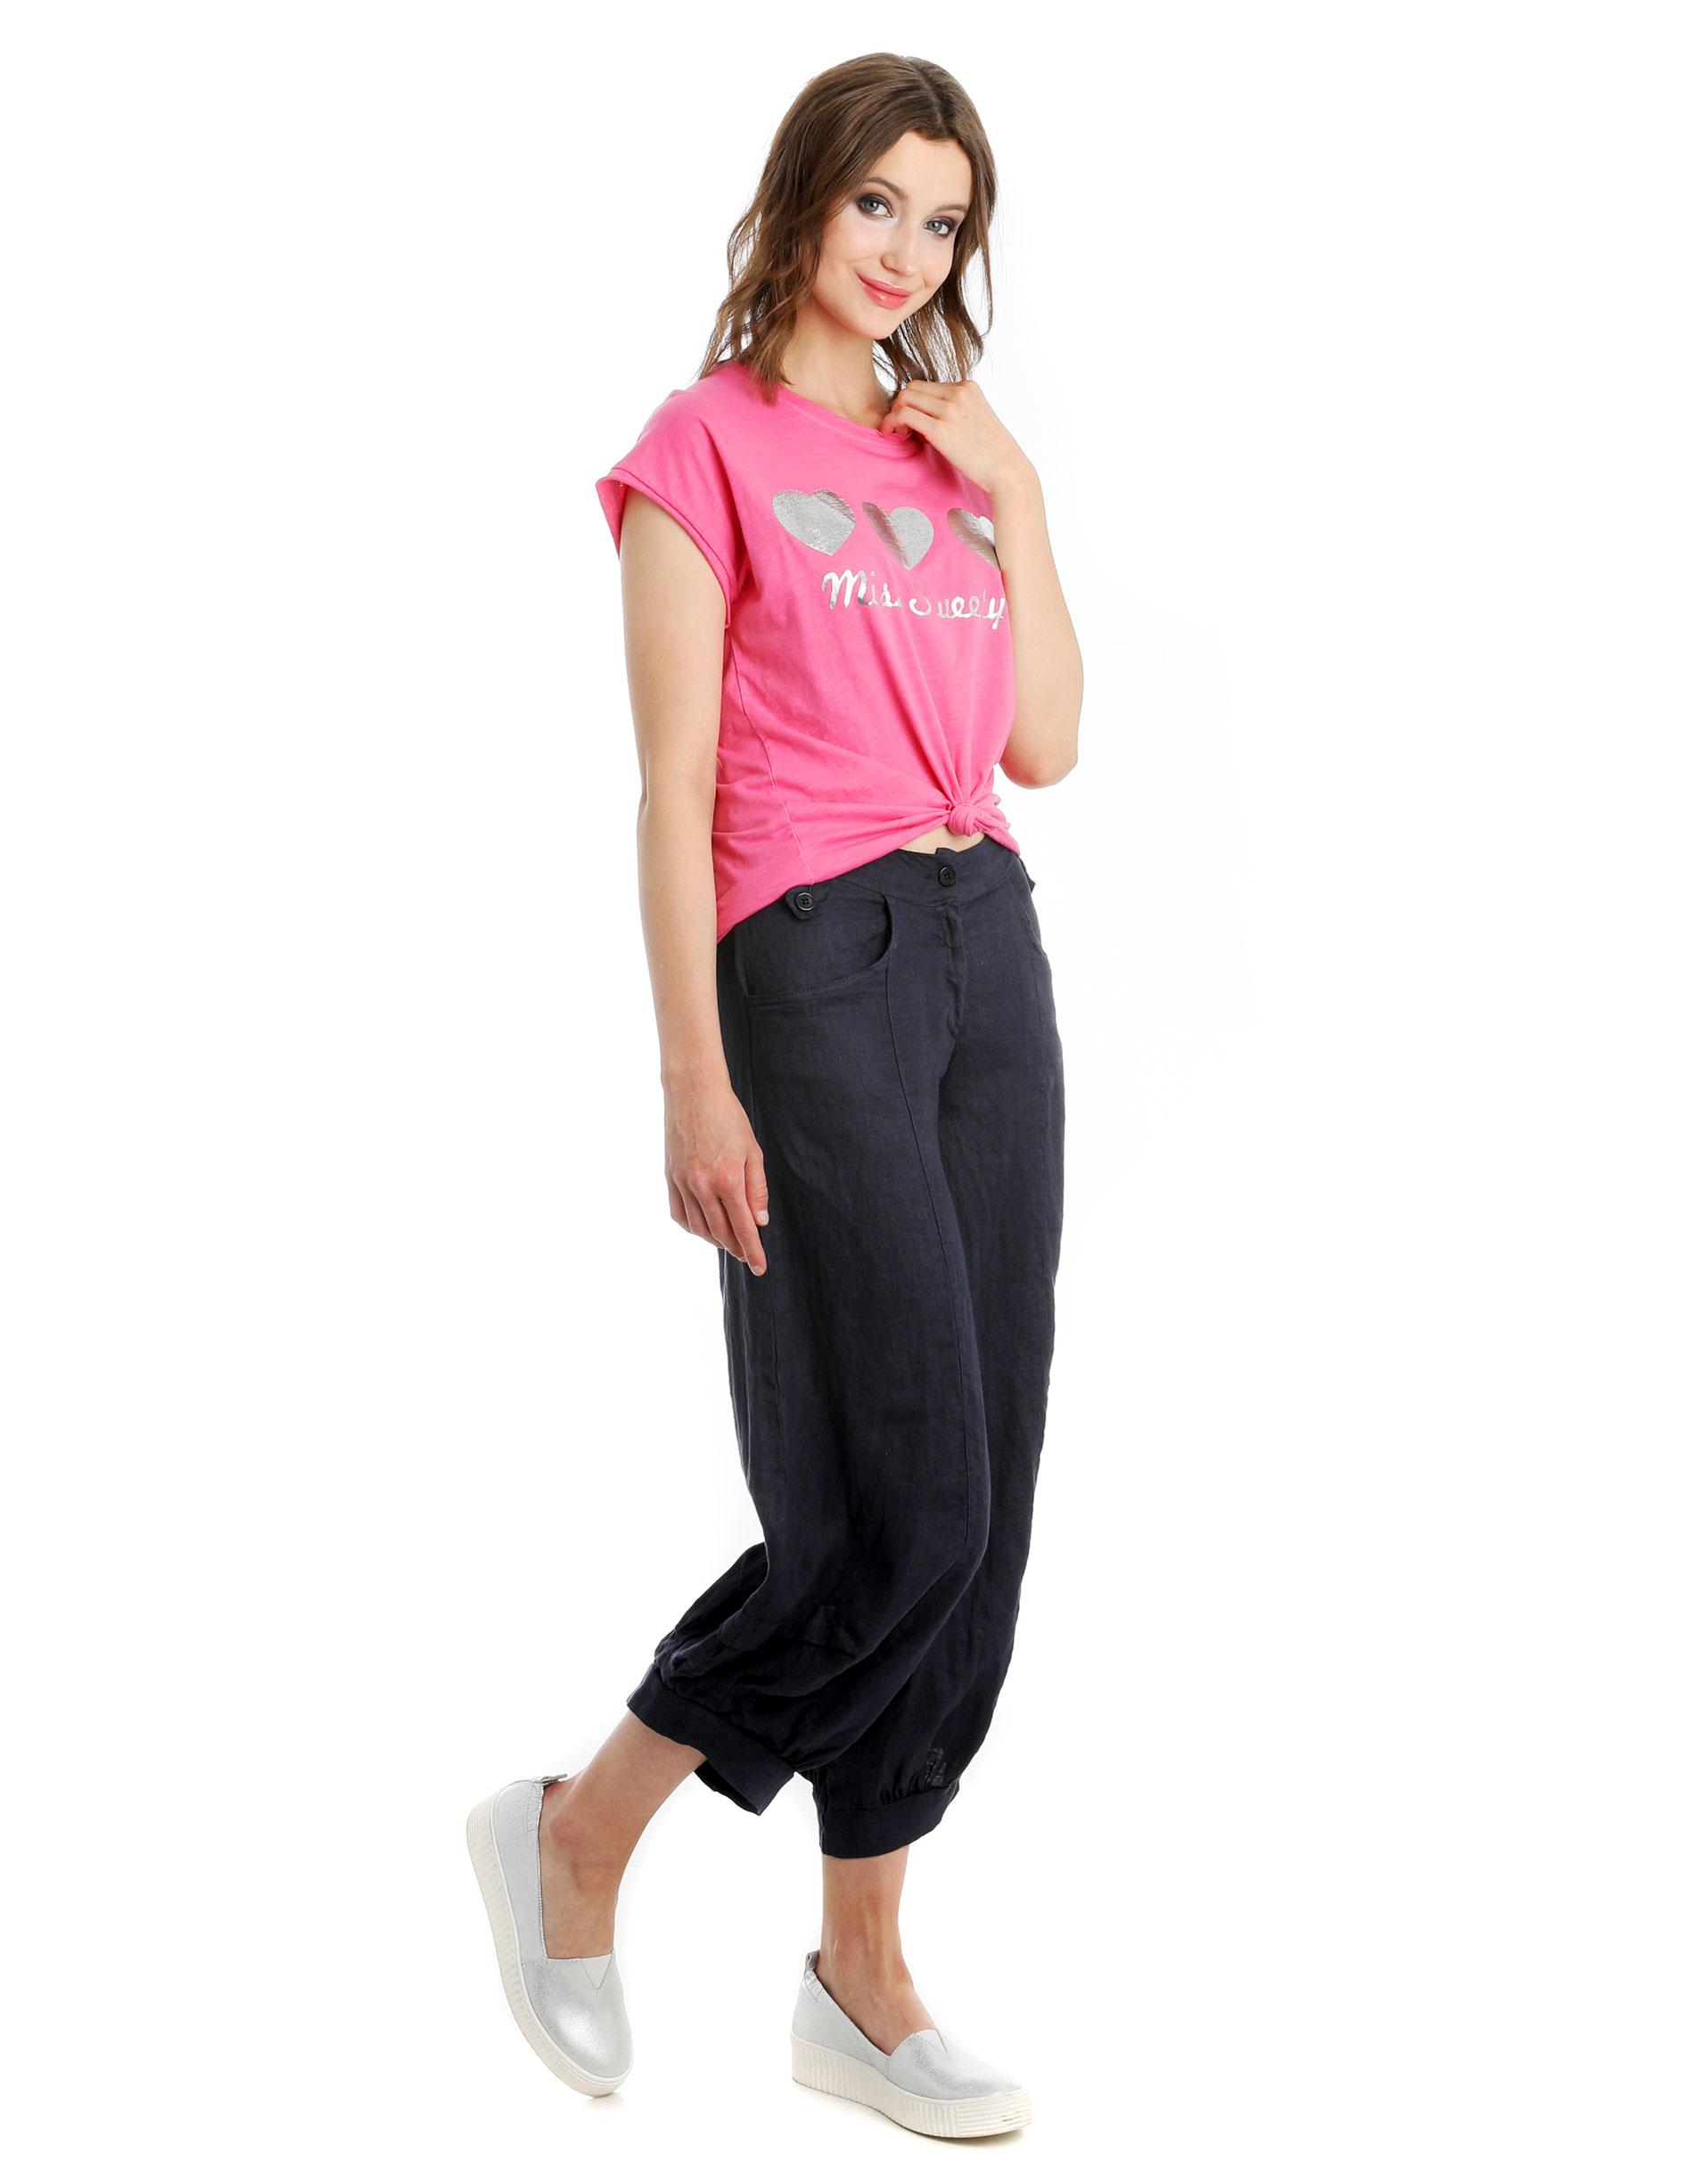 Spodnie - 56-267 BLU SC - Unisono